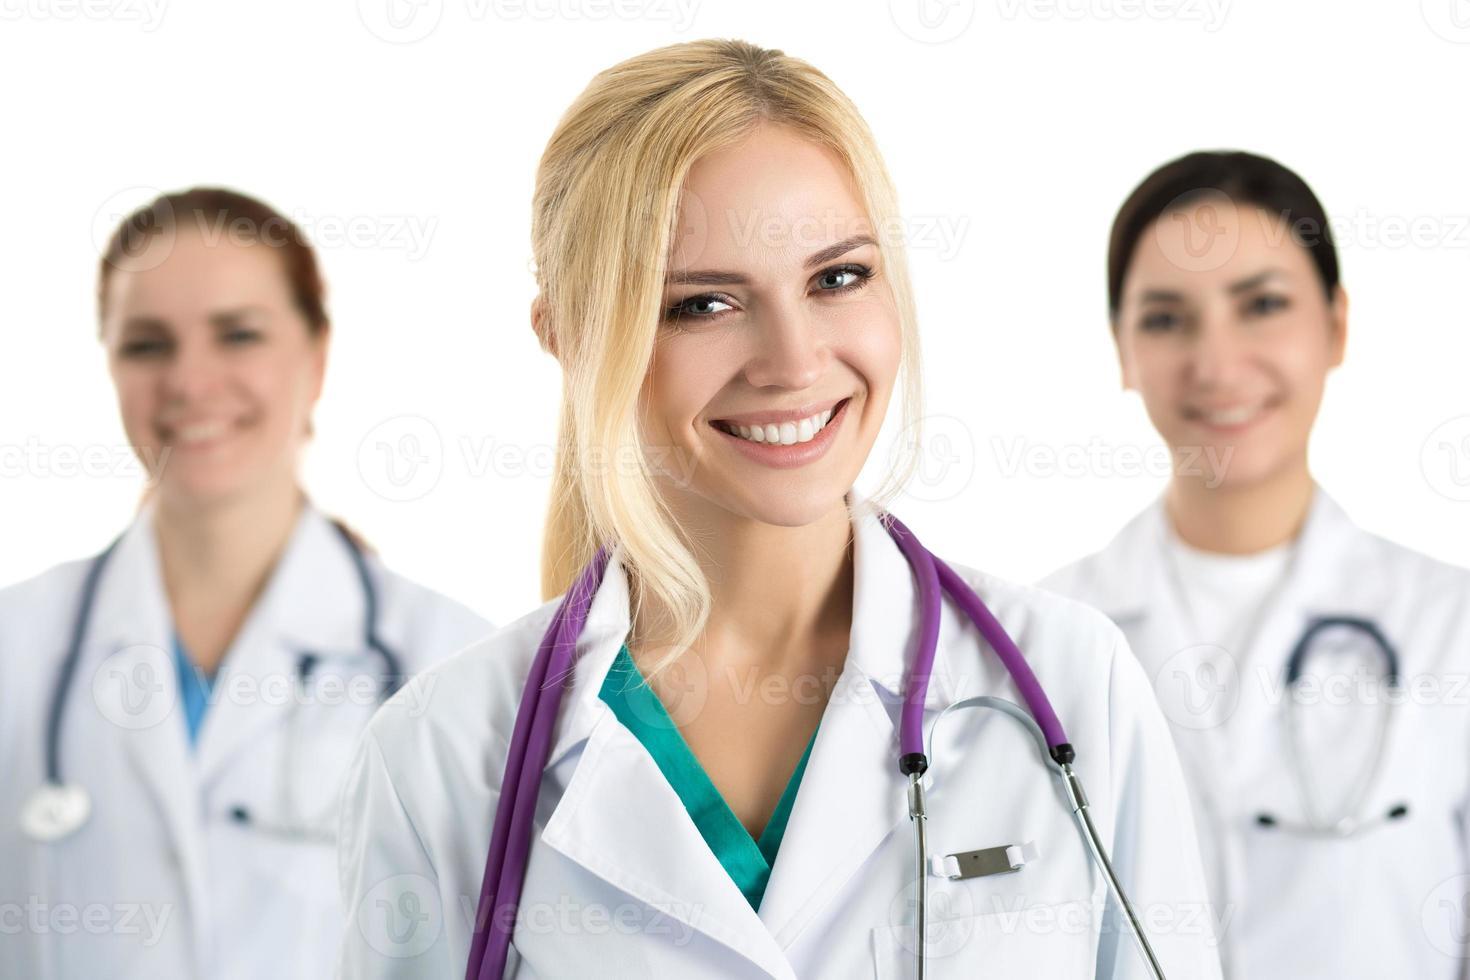 Porträt der jungen blonden Ärztin foto